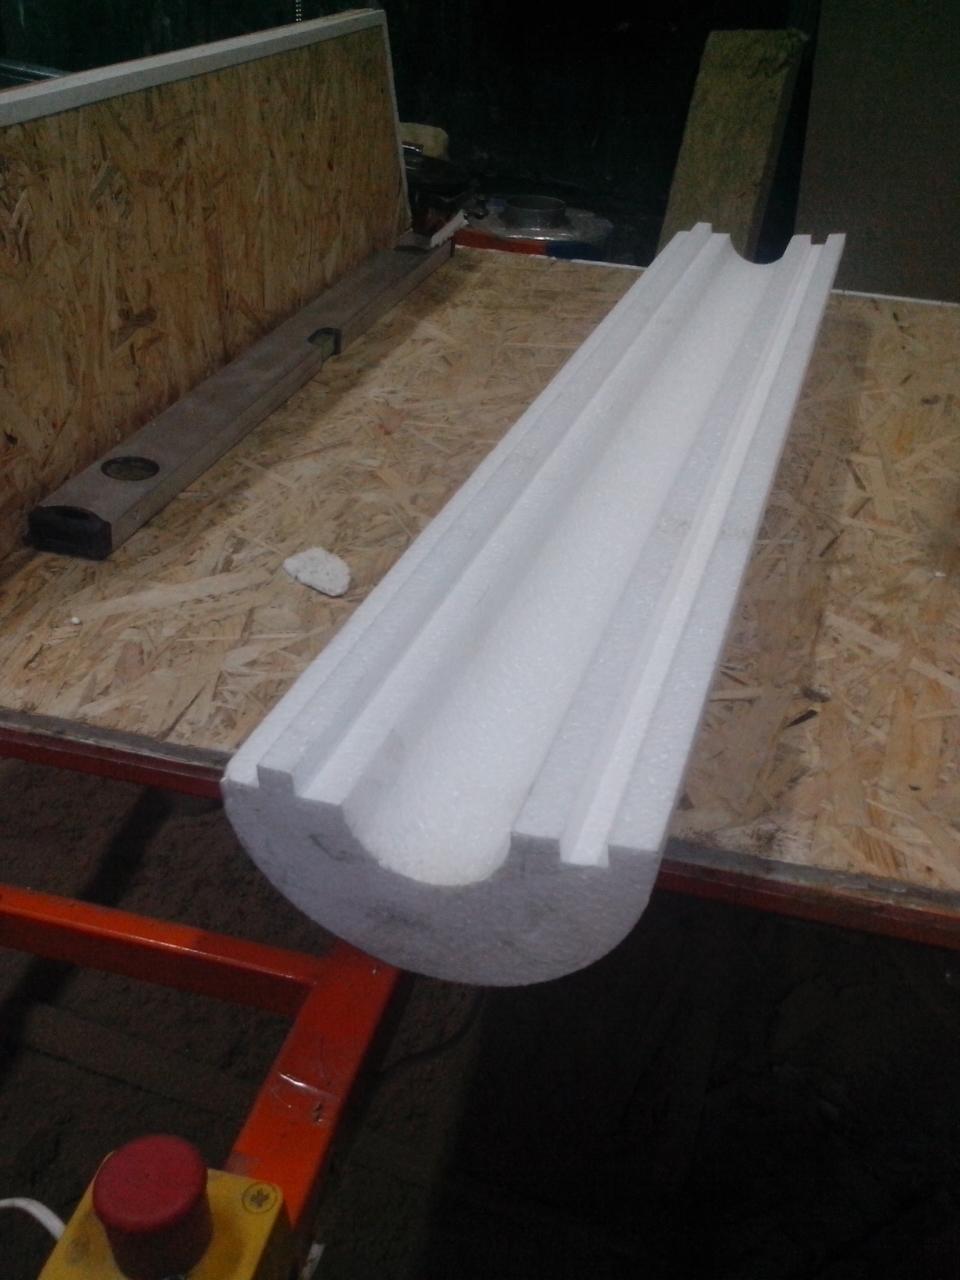 Утеплитель из пенопласта (пенополистирола) для труб Ø 60 мм толщиной 40 мм